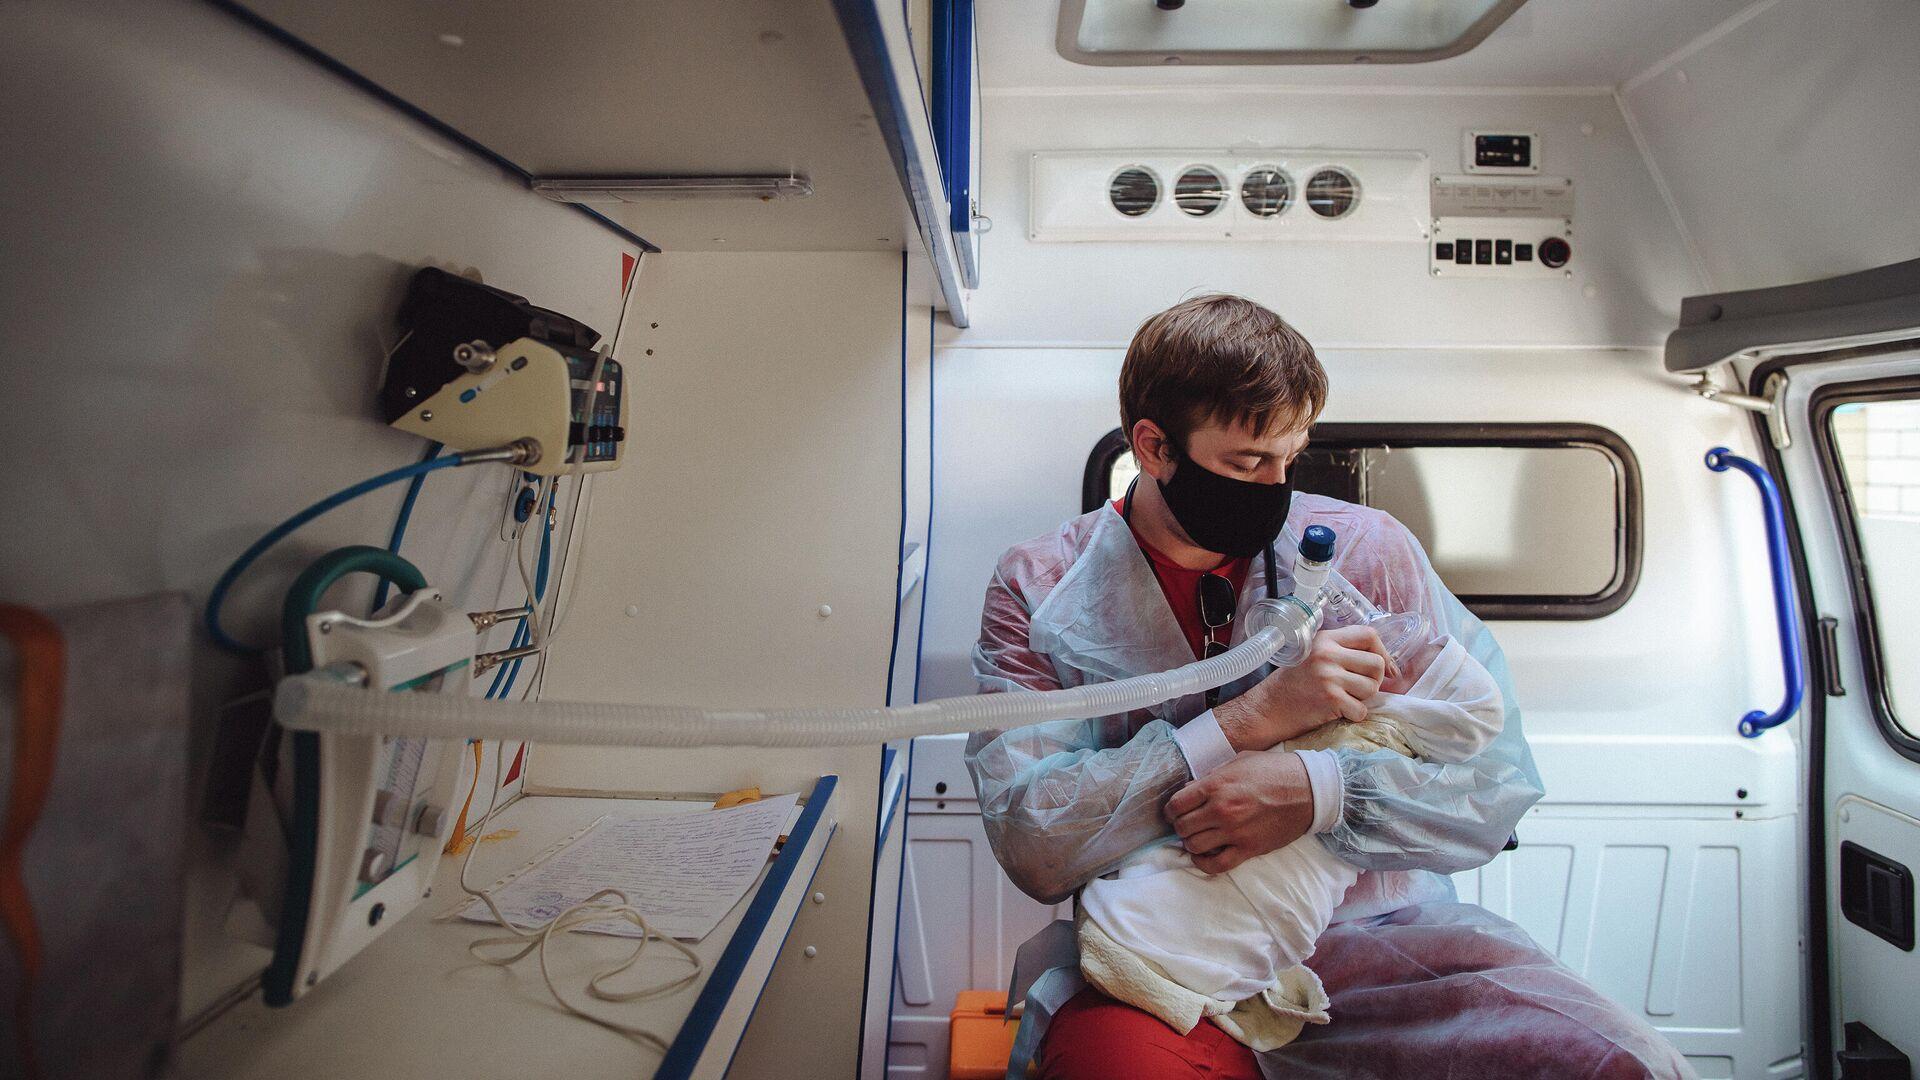 Фотографии в проекте RT Эпидемия с Антоном Красовским, посвященные борьбе медиков с коронавирусной инфекцией в России - РИА Новости, 1920, 02.10.2020